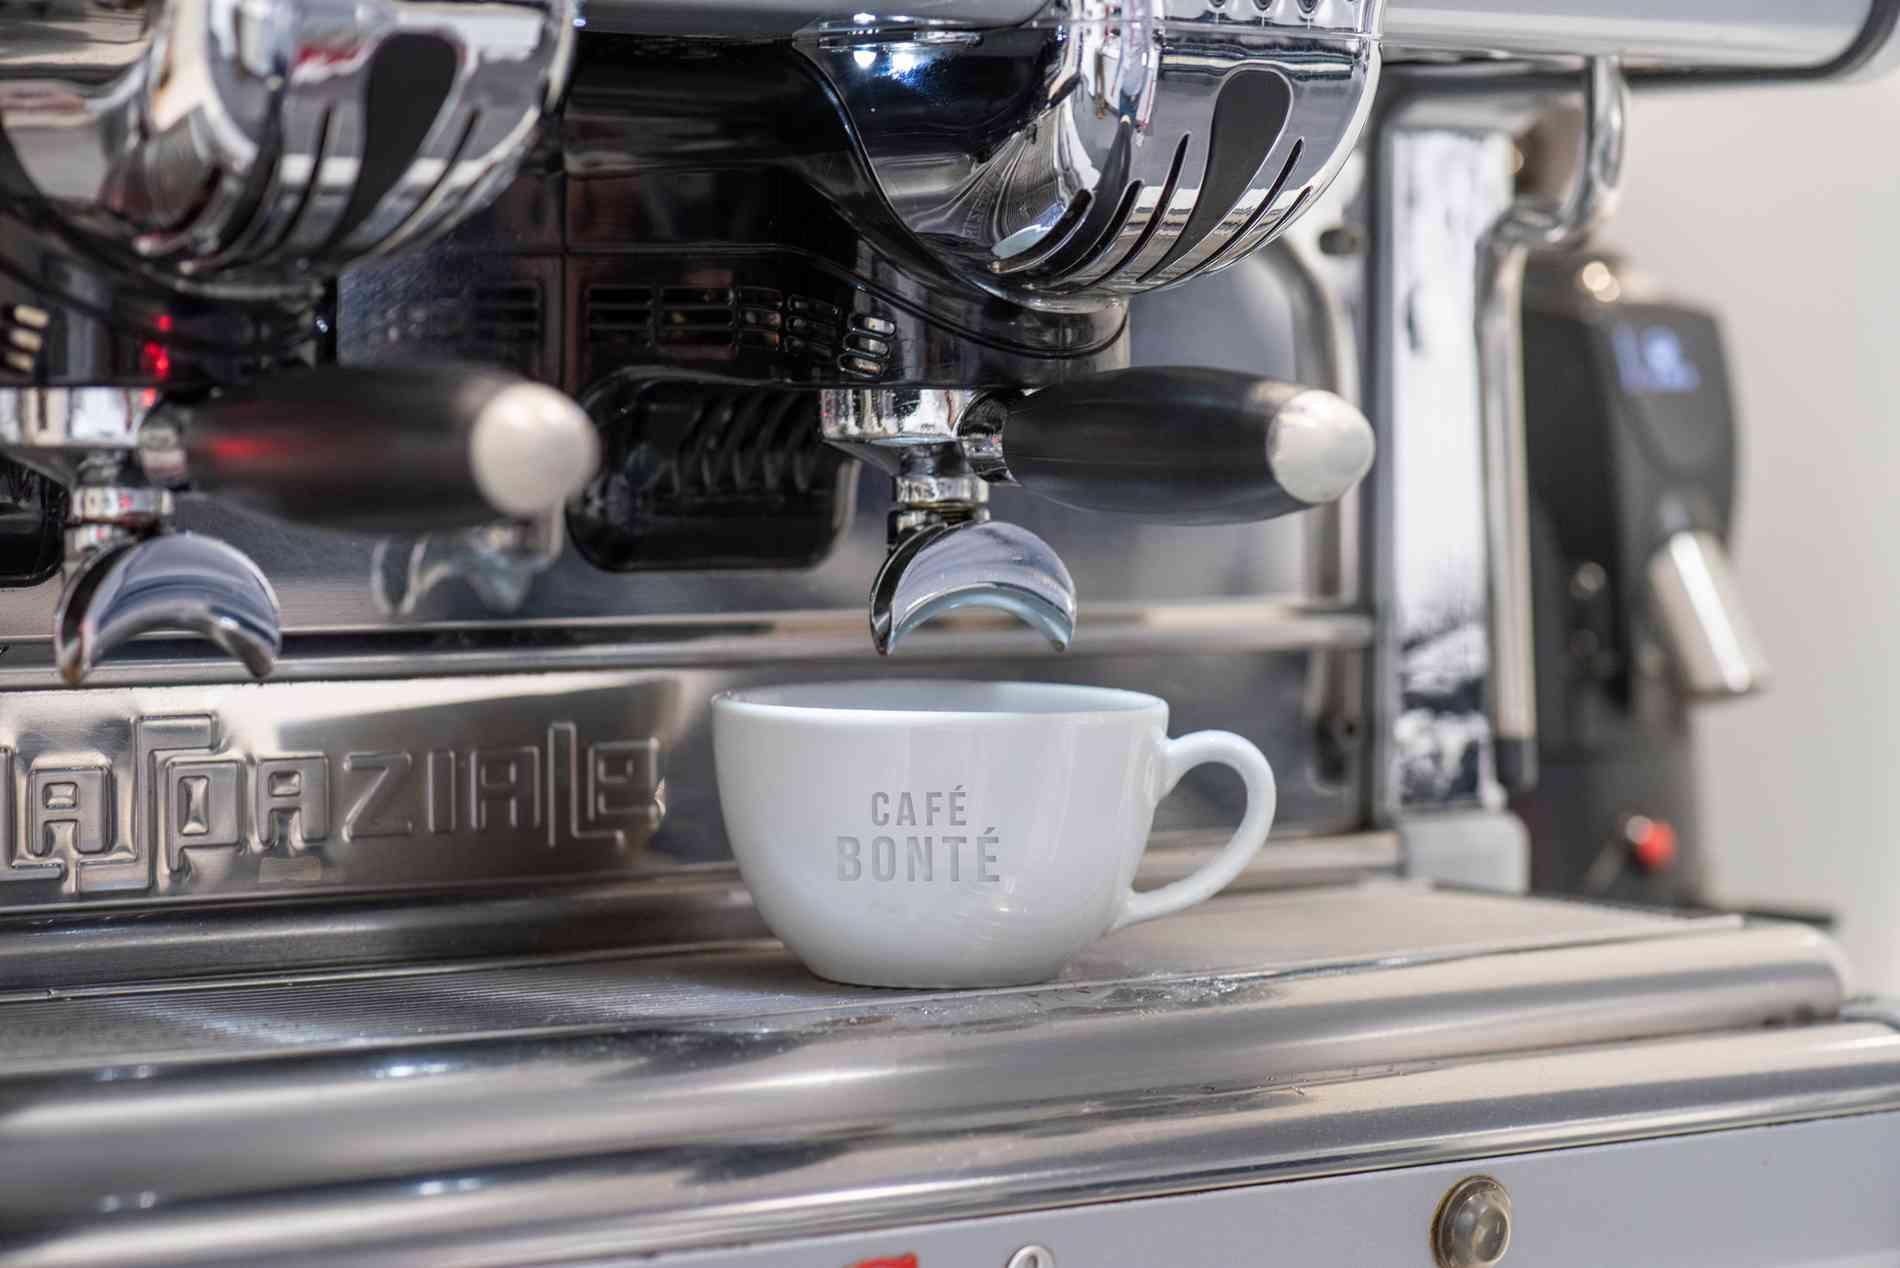 La_Spaziale_S2_2_Group_Coffee_Machine